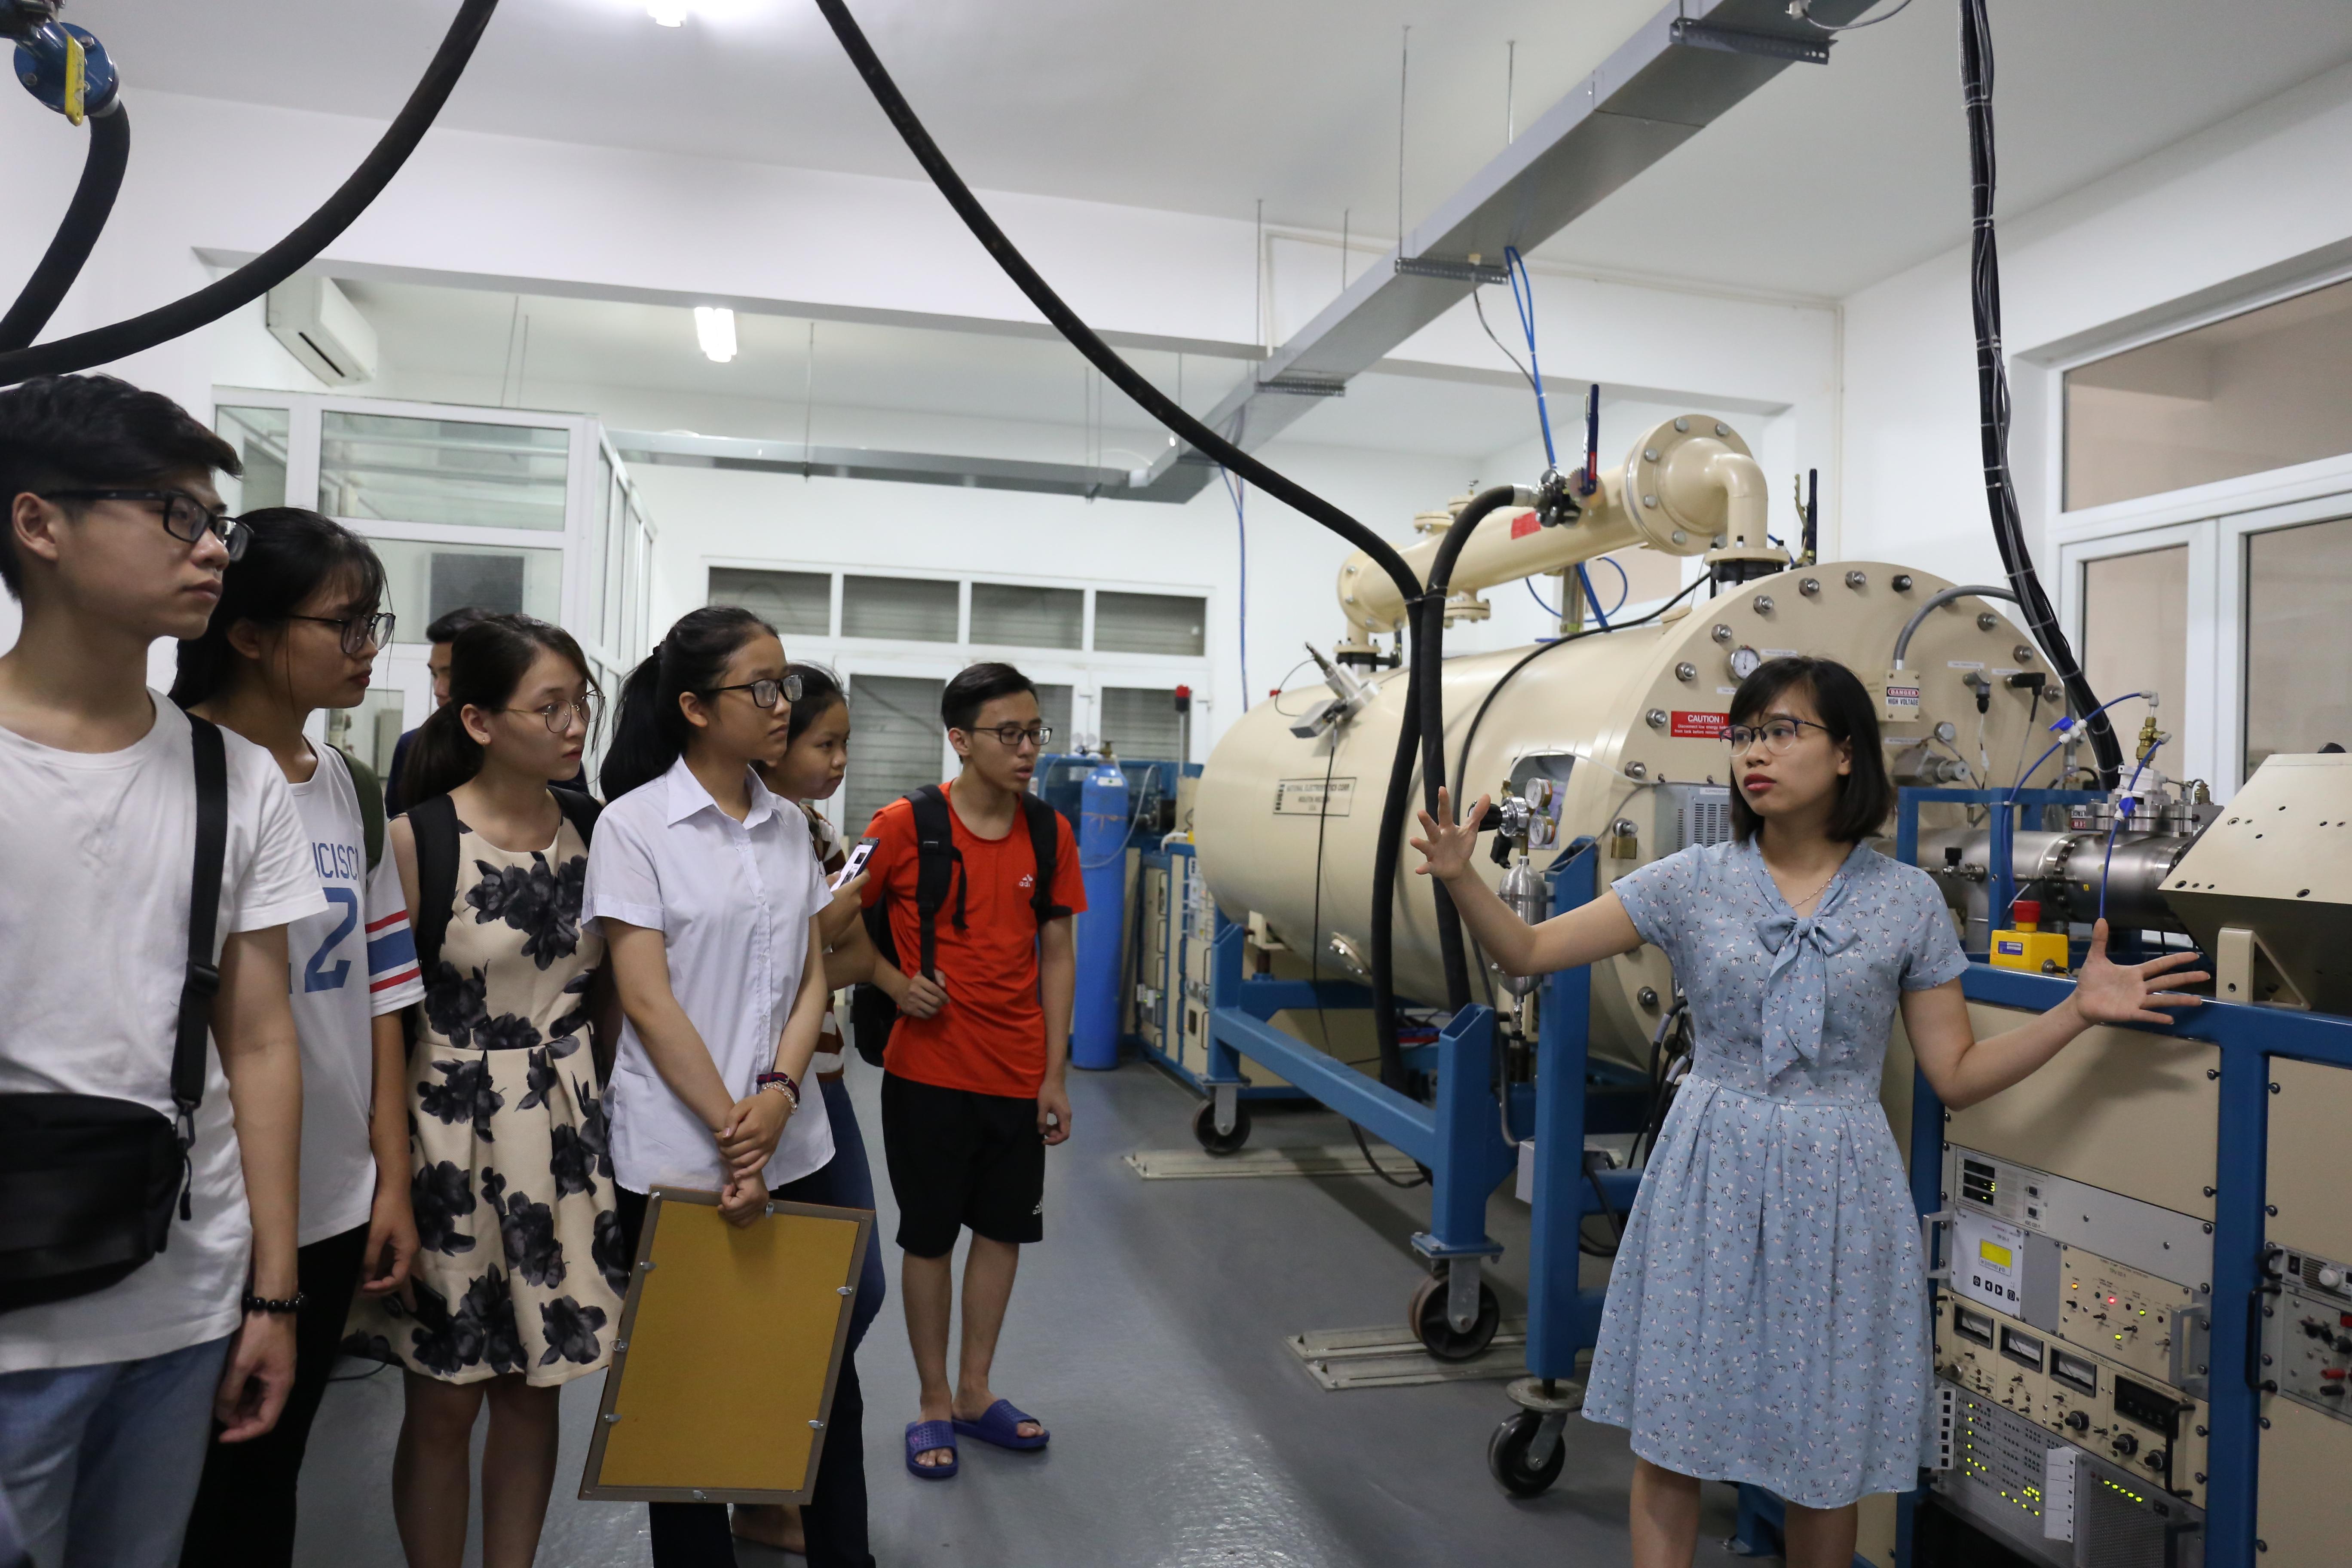 LabTour tham quan Máy gia tốc của khoa Vật Lý, trường ĐH Khoc học tự nhiên, ĐHQGHN | Ảnh: Ngô Hà